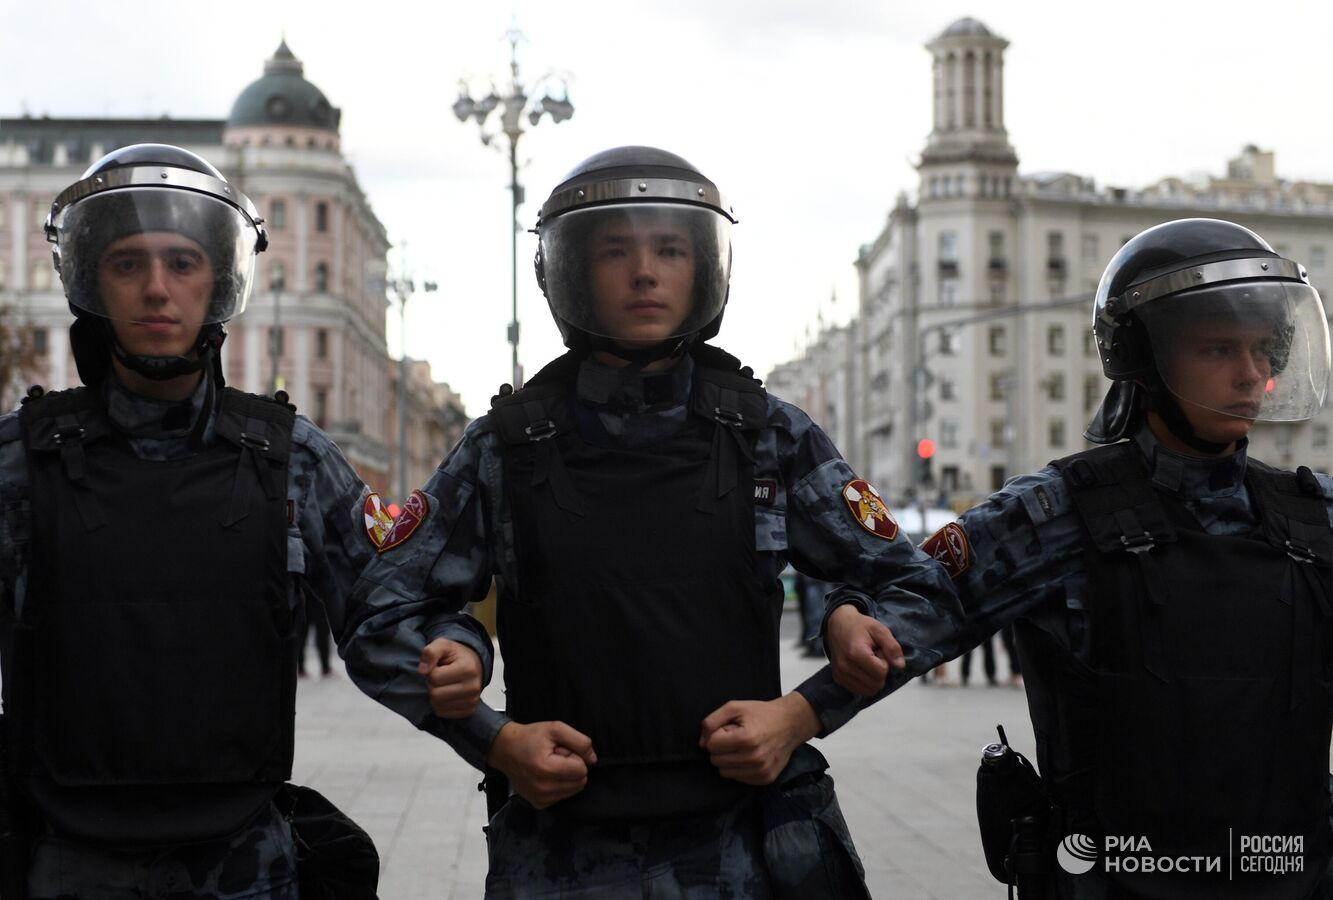 Департамент здравоохранения Москвы: после незаконного митинга в больнице остается 1 человек